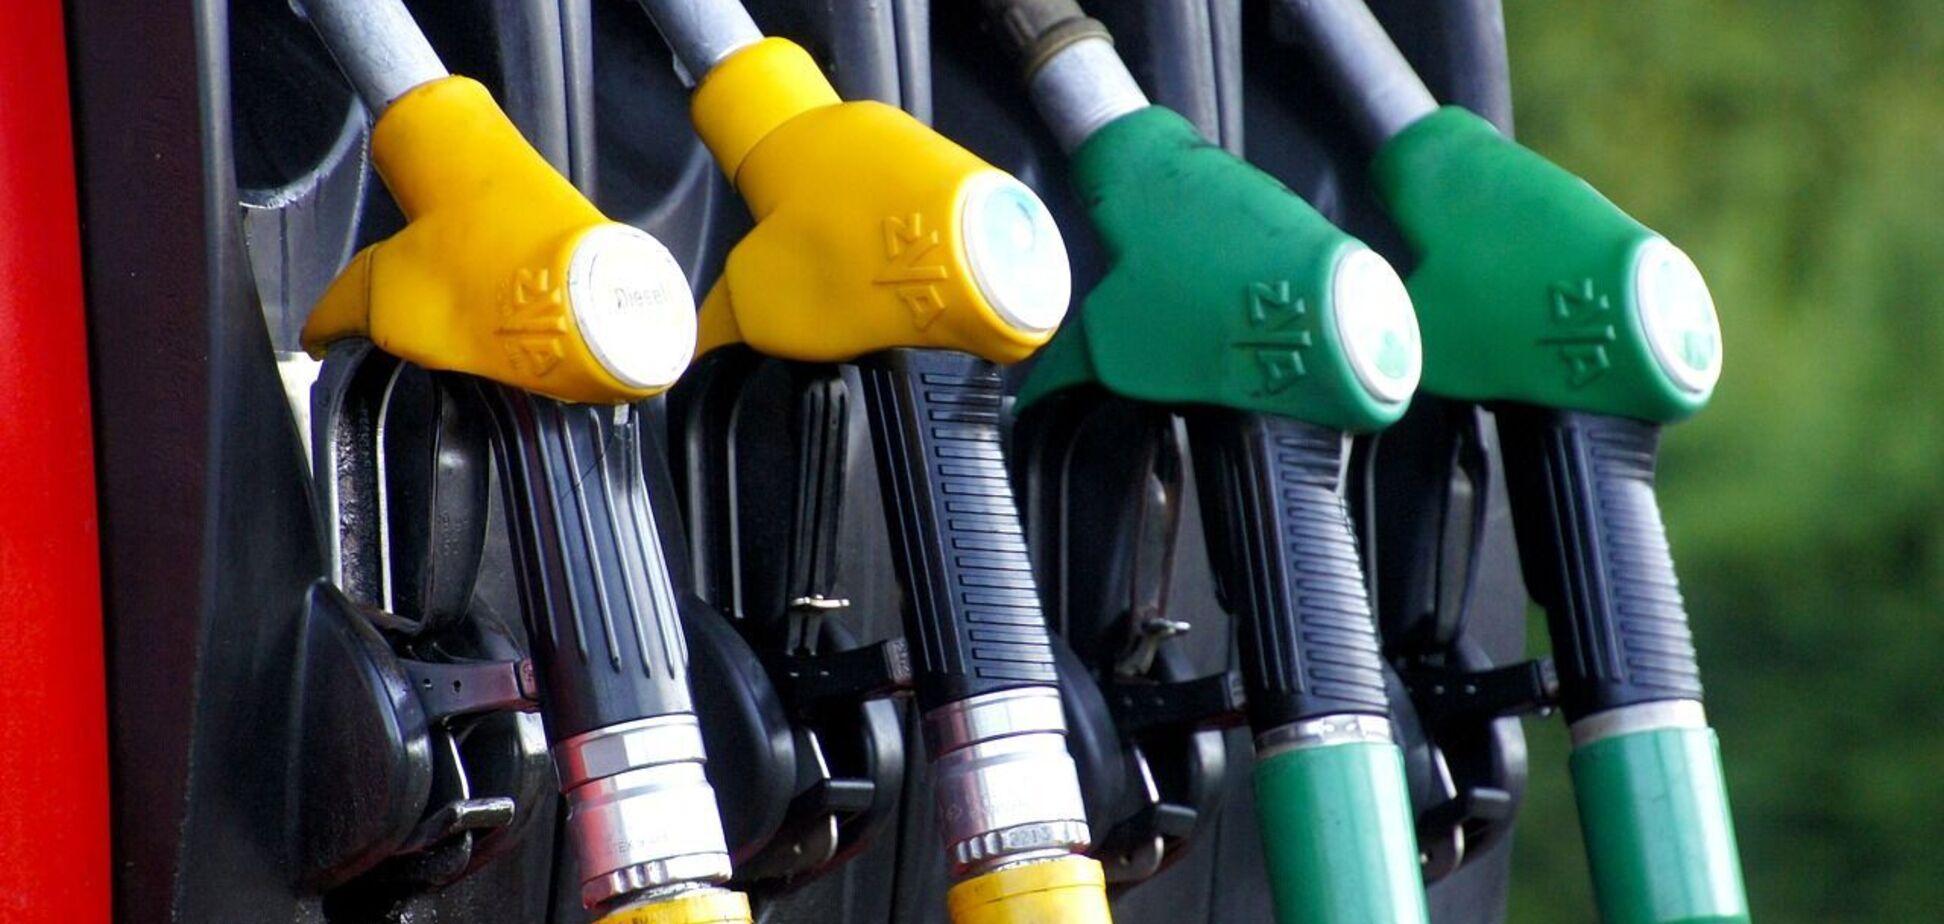 Як зміняться ціни на бензин в Україні: озвучено прогноз